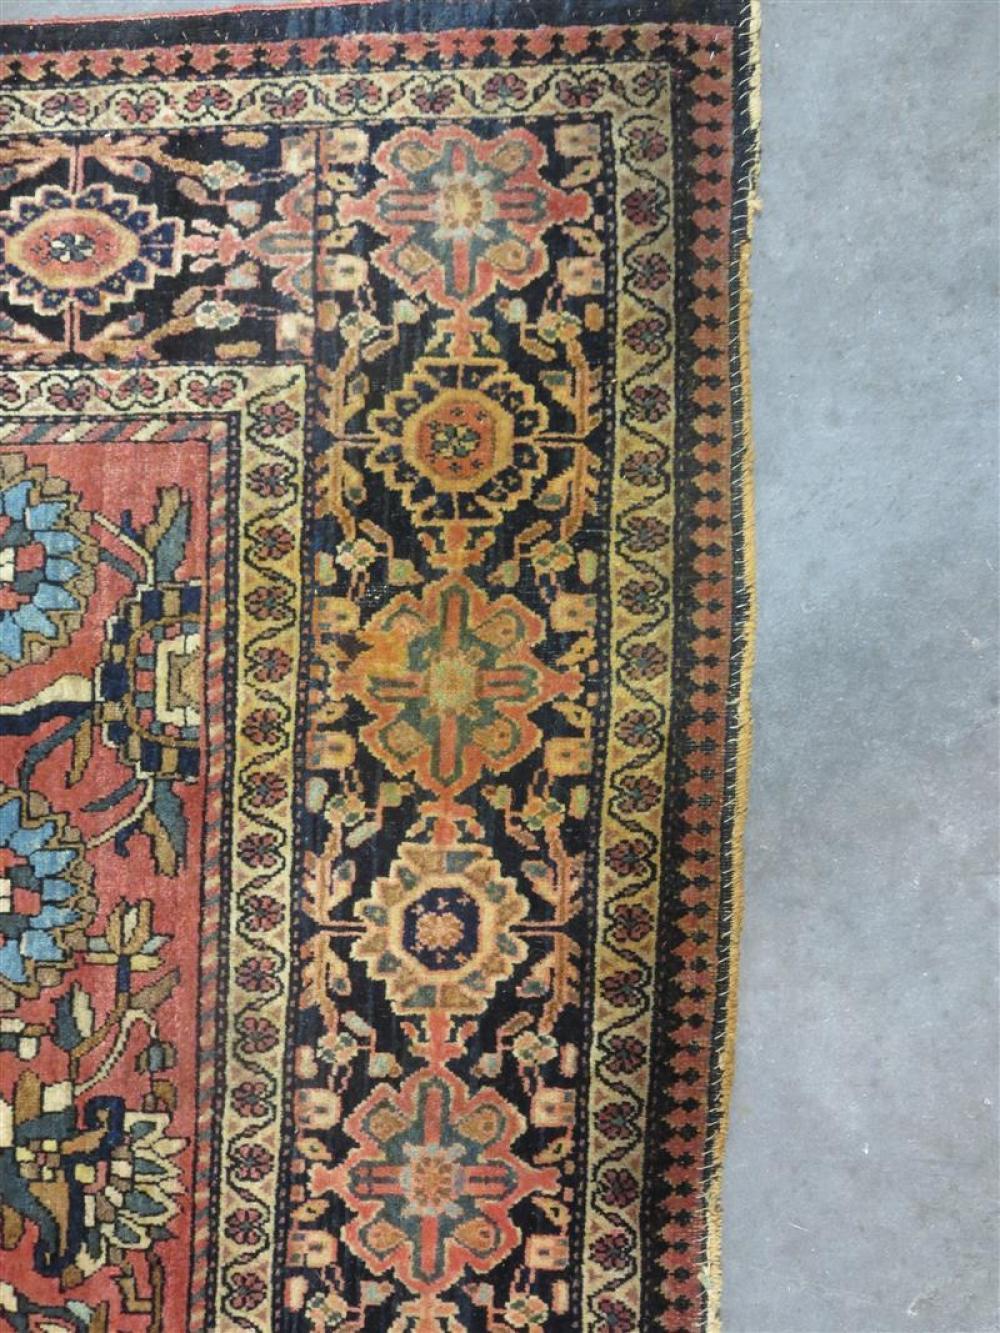 Persian Farahan carpet